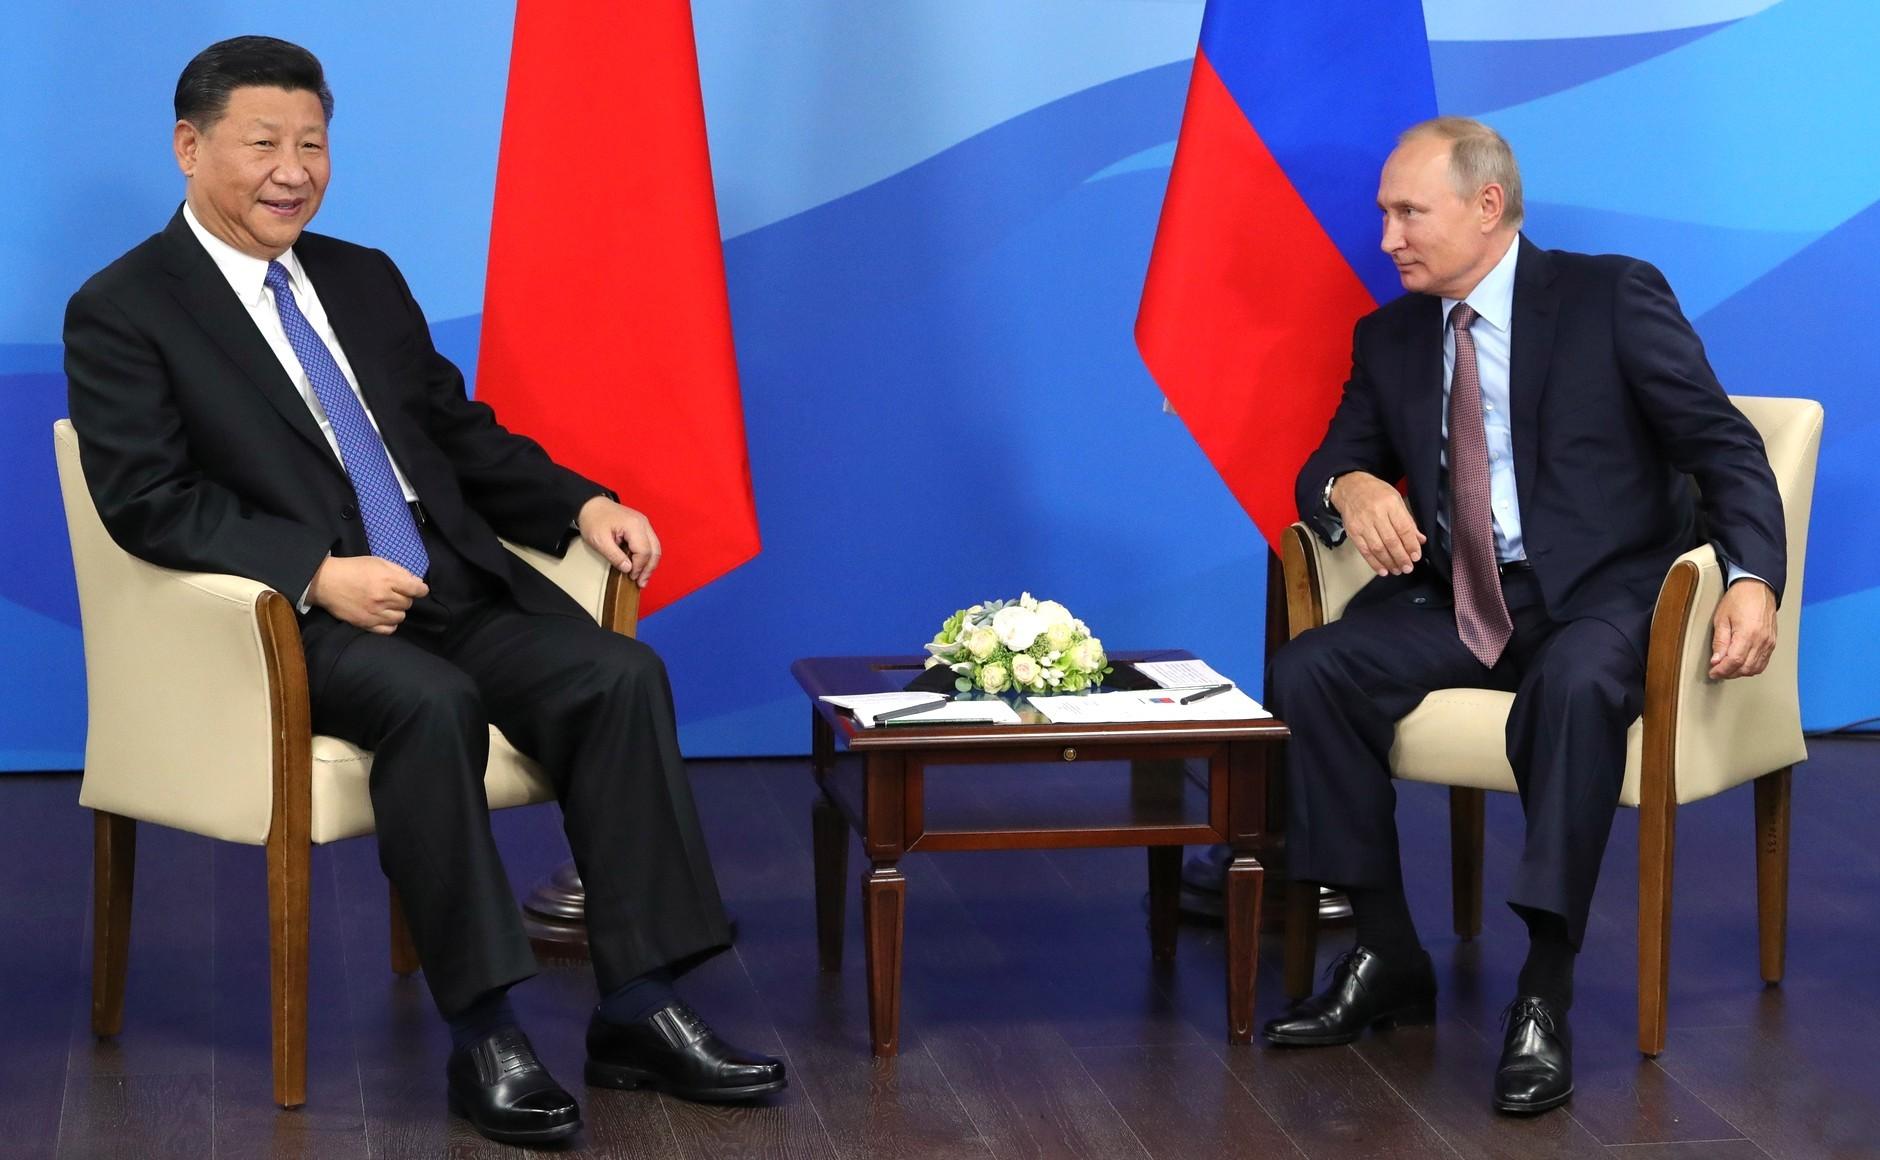 СиЦзиньпин похвастался перед Путиным непредвиденным навыком: «Да, уменя кругленько»